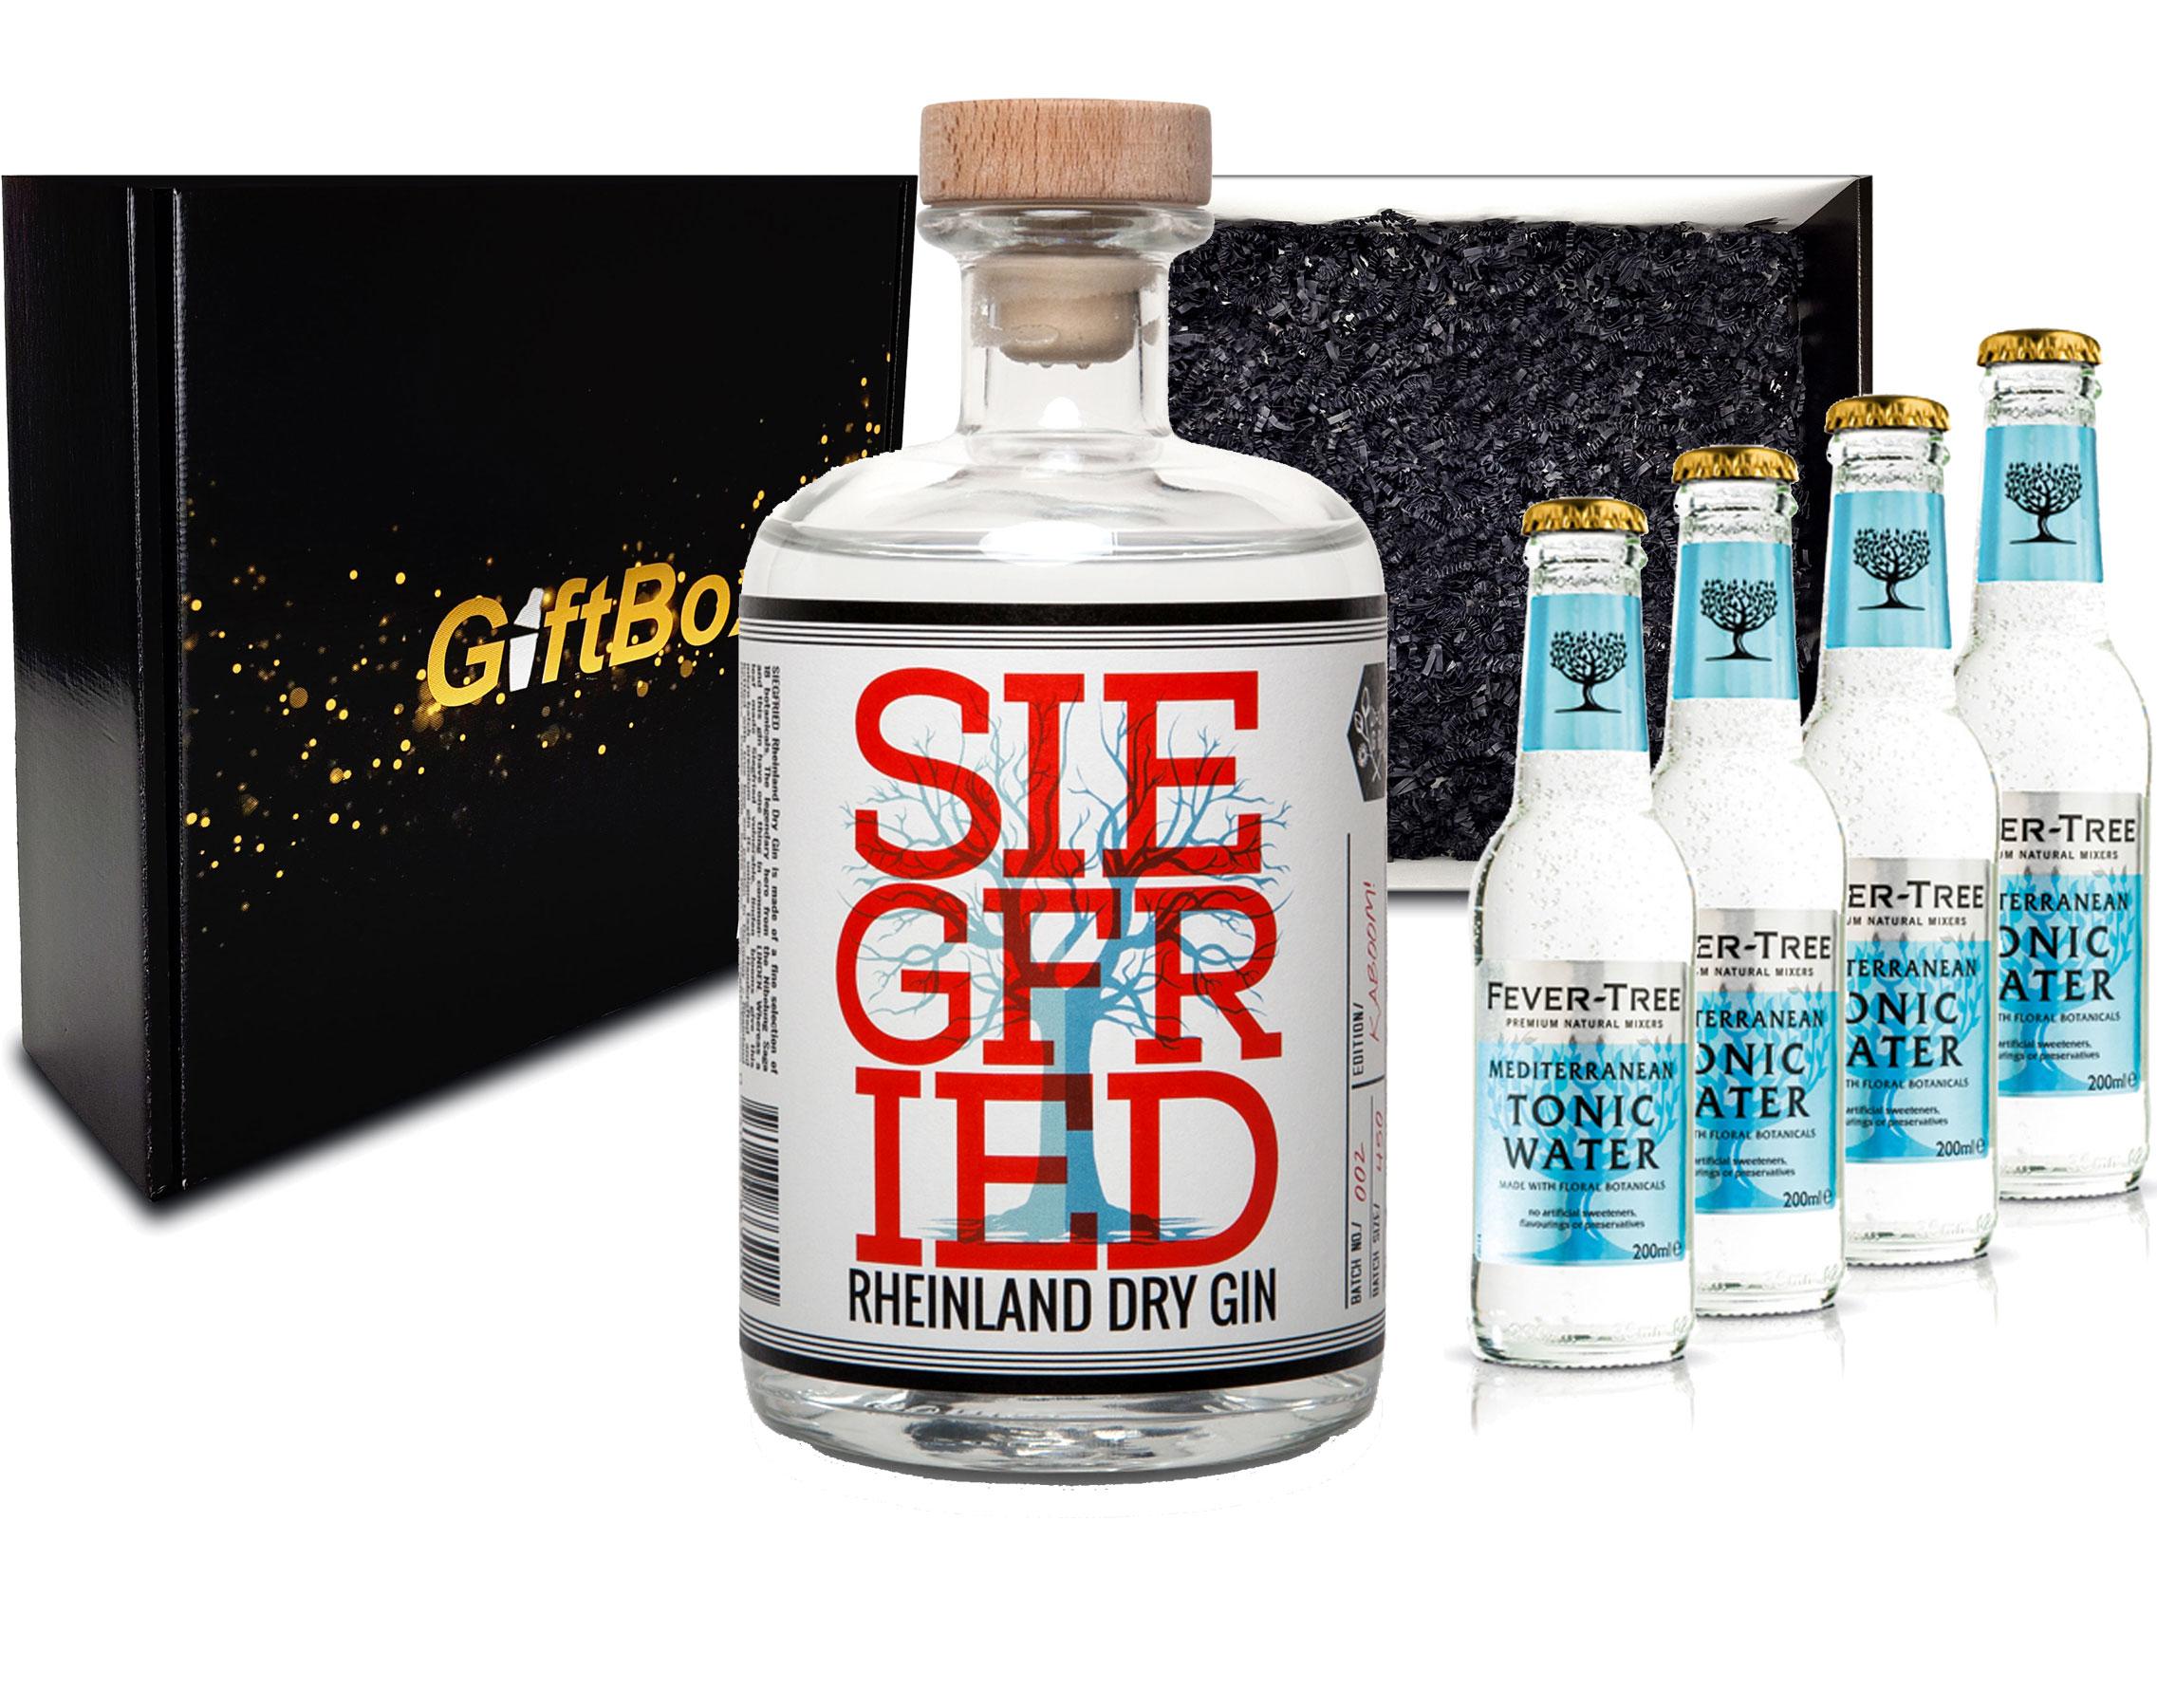 Gin Tonic Giftbox Geschenkset - Siegfried Rheinland Gin 0,5l (41% Vol) + 4x Fever Tree Mediterranean Tonic Water 200ml inkl. Pfand MEHRWEG + Geschenkverpackung